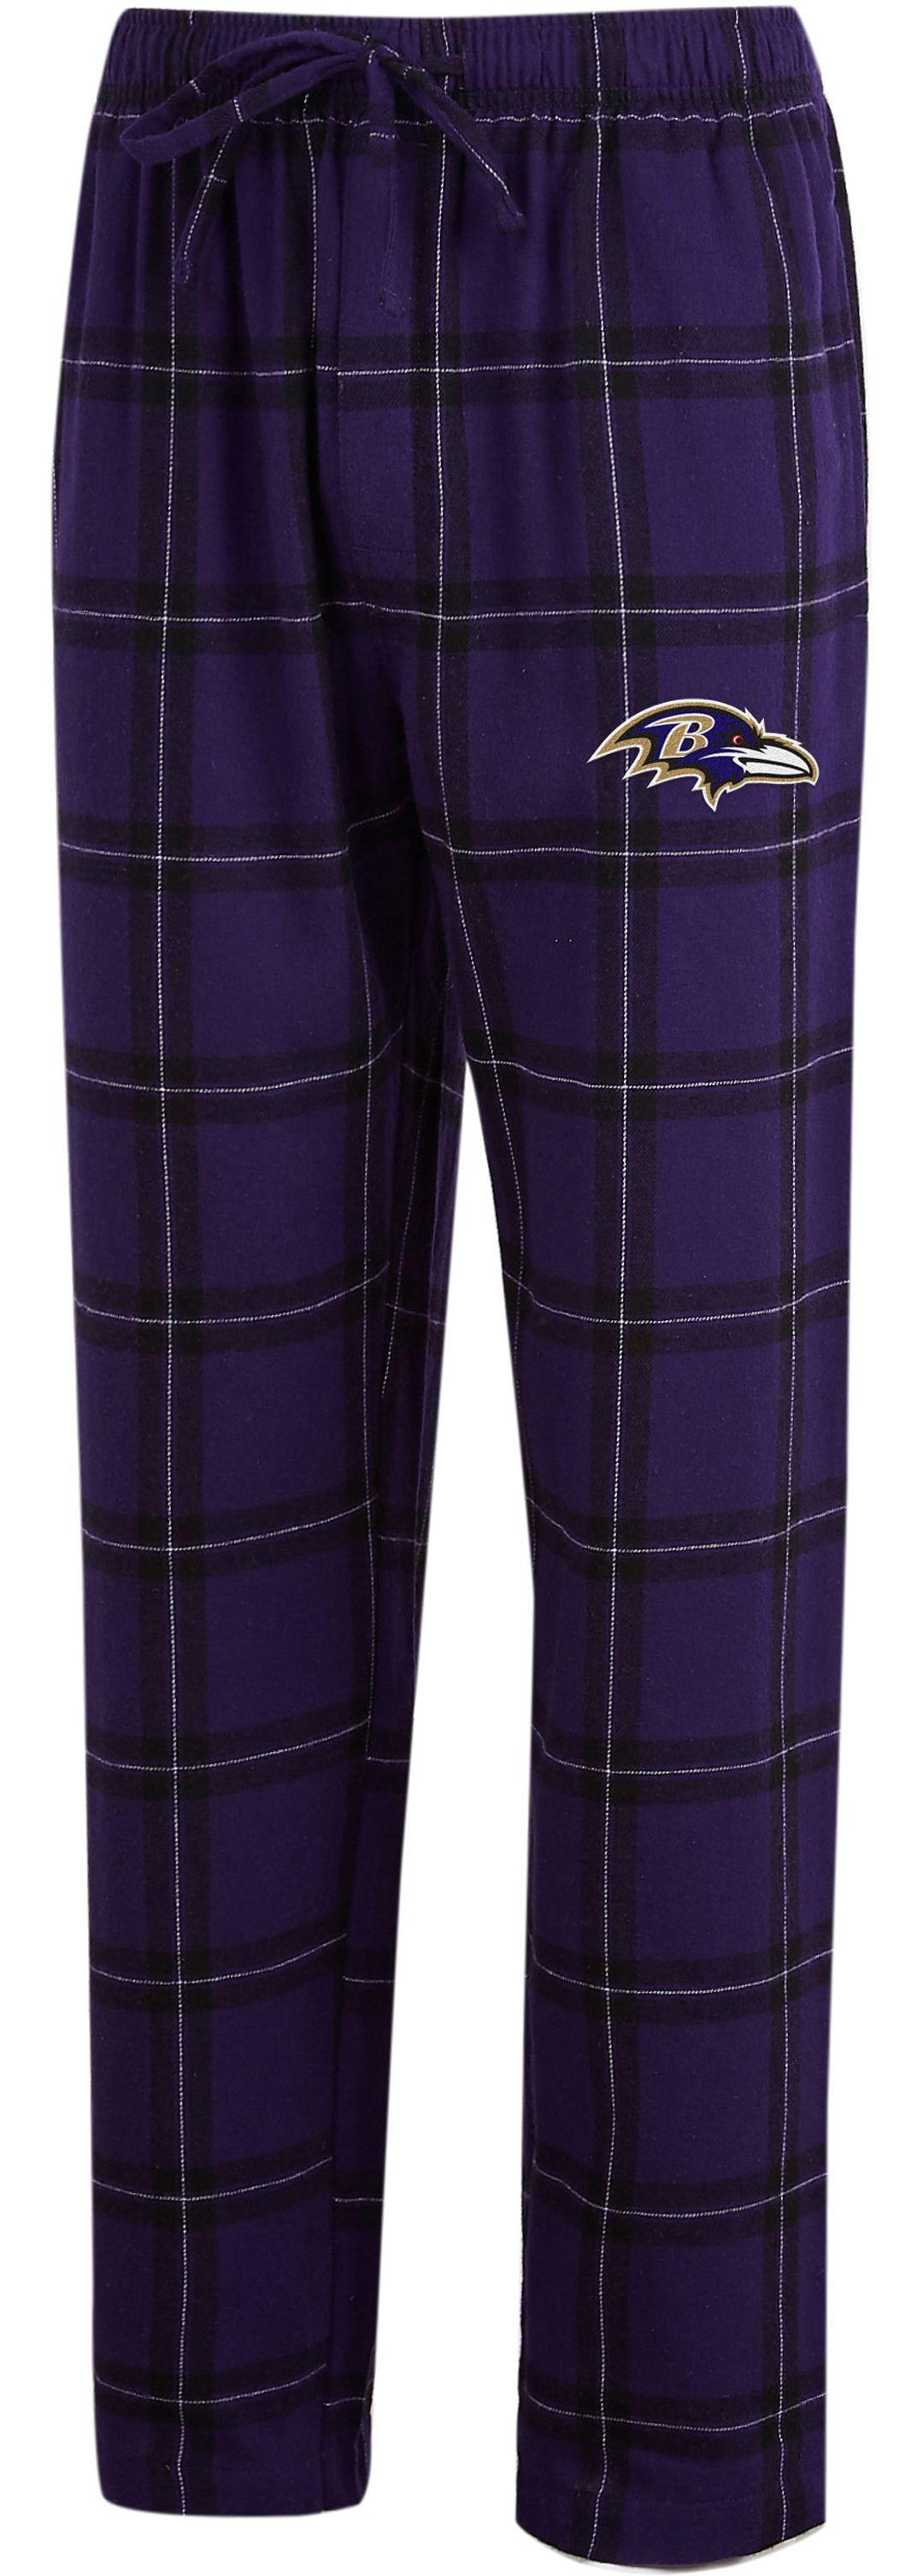 e33c2f14 Concepts Sport Men's Baltimore Ravens Homestretch Flannel Pants